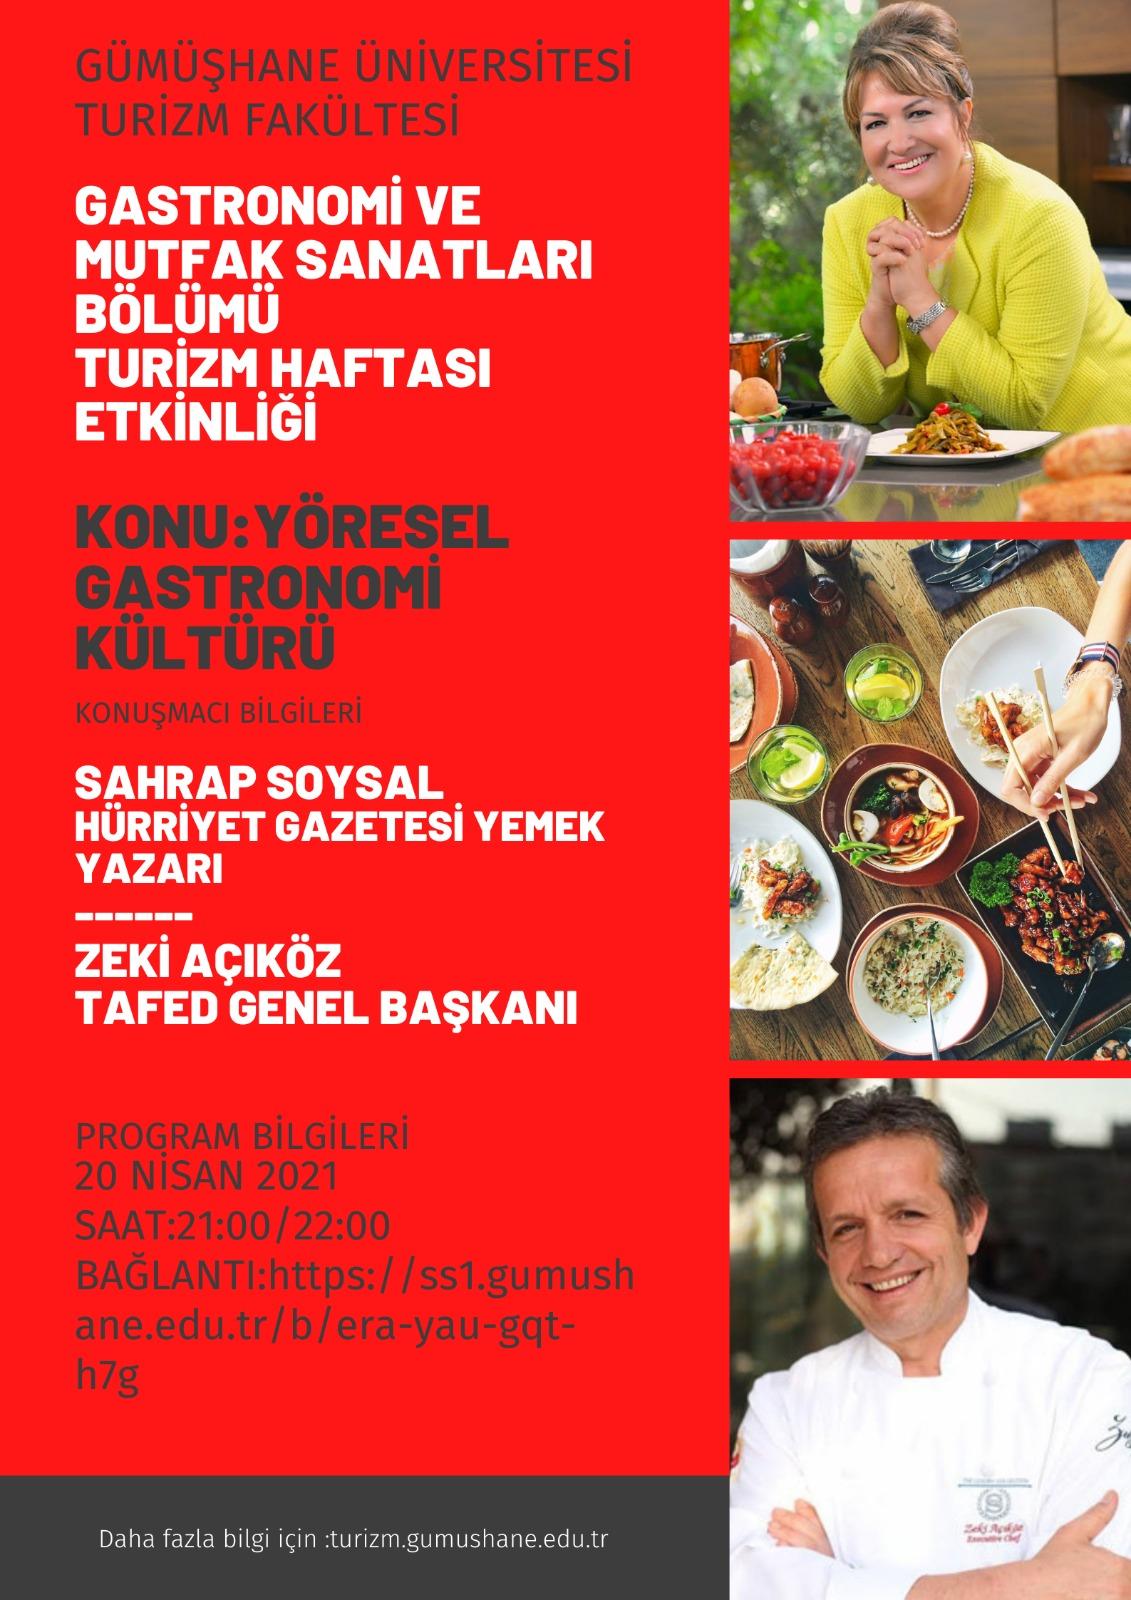 Yöresel Gastronomi Kültürü Etkinliği Üniversitemizde Düzenlendi